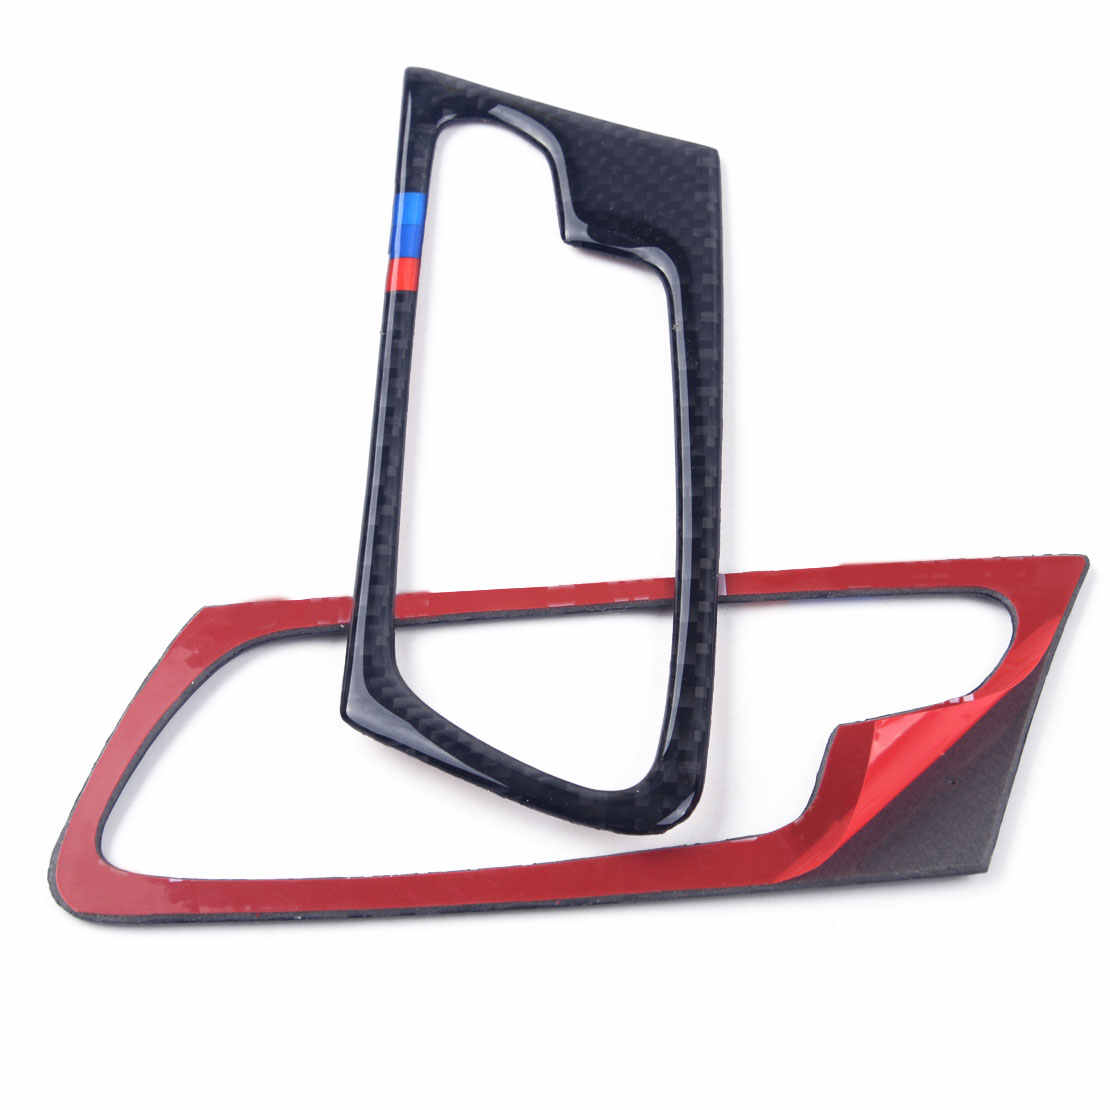 DWCX Envolvente Maçaneta da porta Interior Do Carro Decorativo Quadro Guarnição Da Tampa De Fibra De Carbono para BMW X5 E70 2008 2009 2010 2011 2012 2013